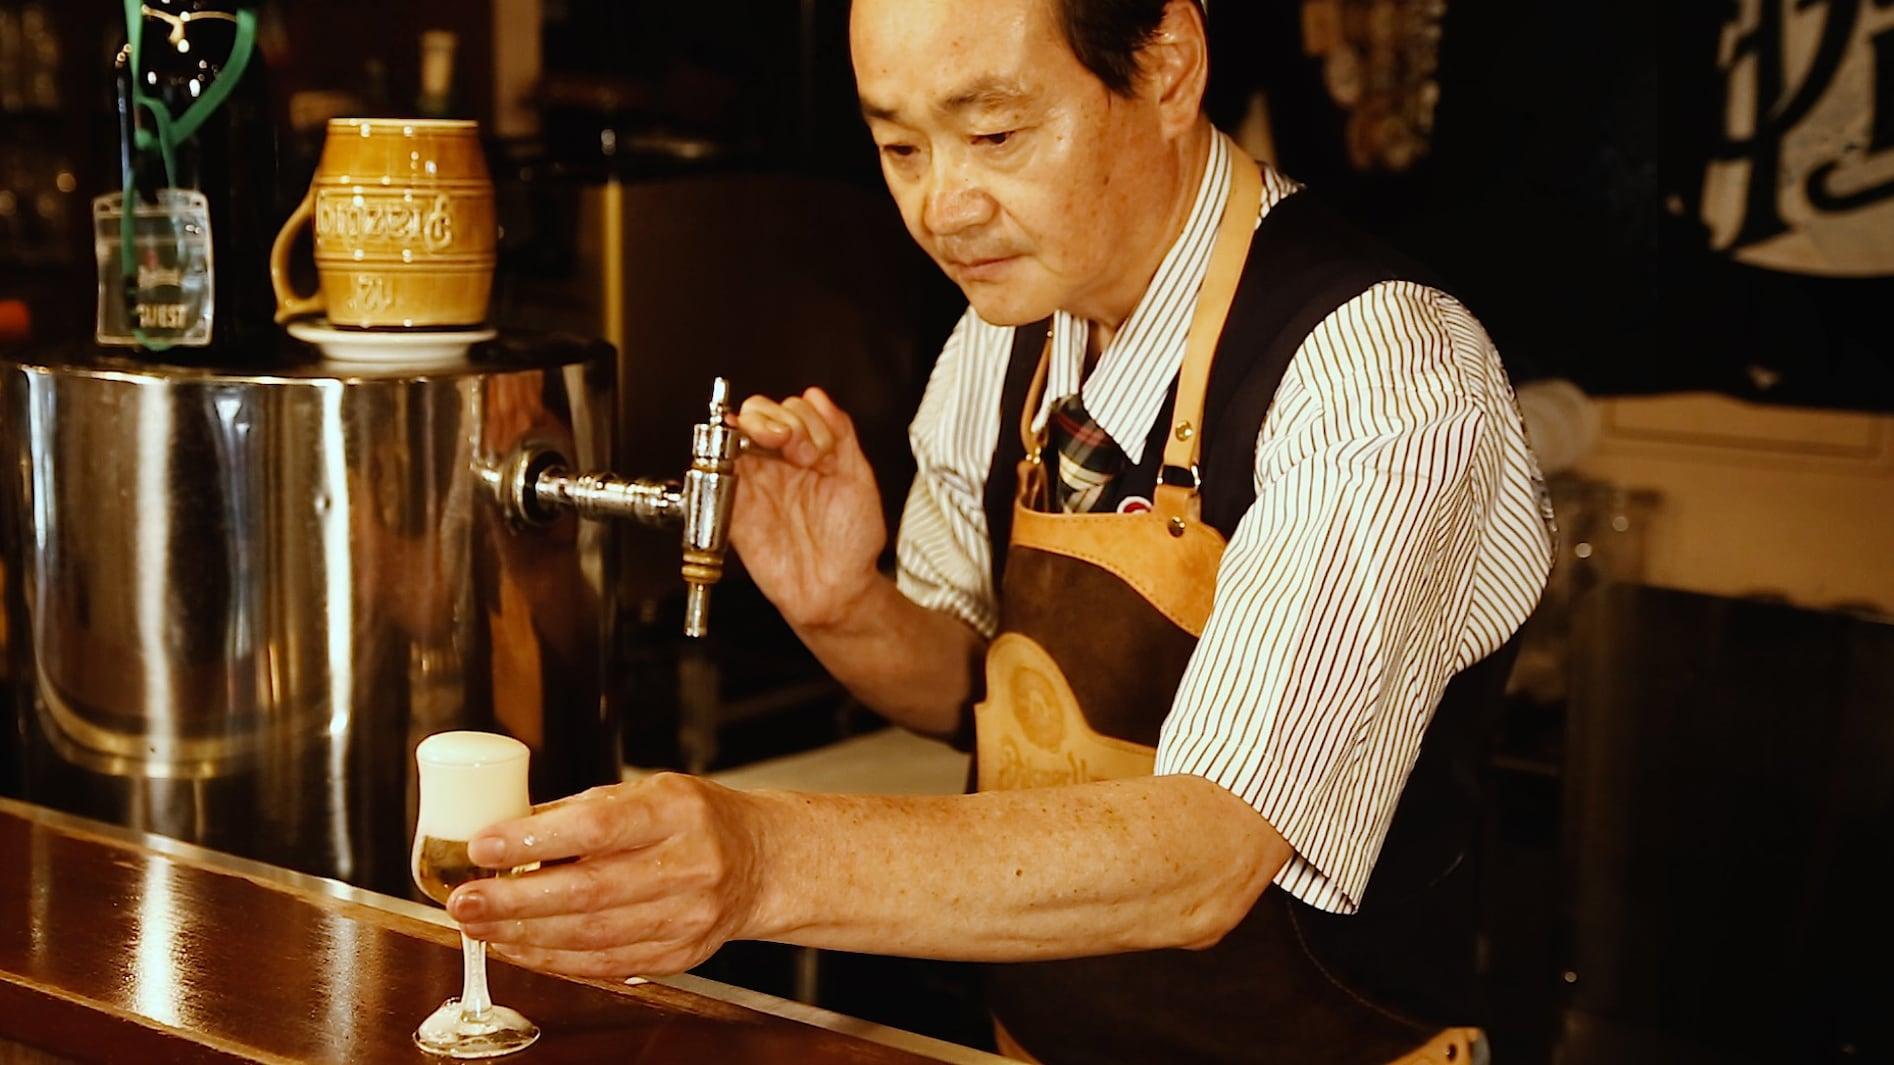 「缶ビールが美味しくなる注ぎ方」を名サーバー・松尾光平が伝授!